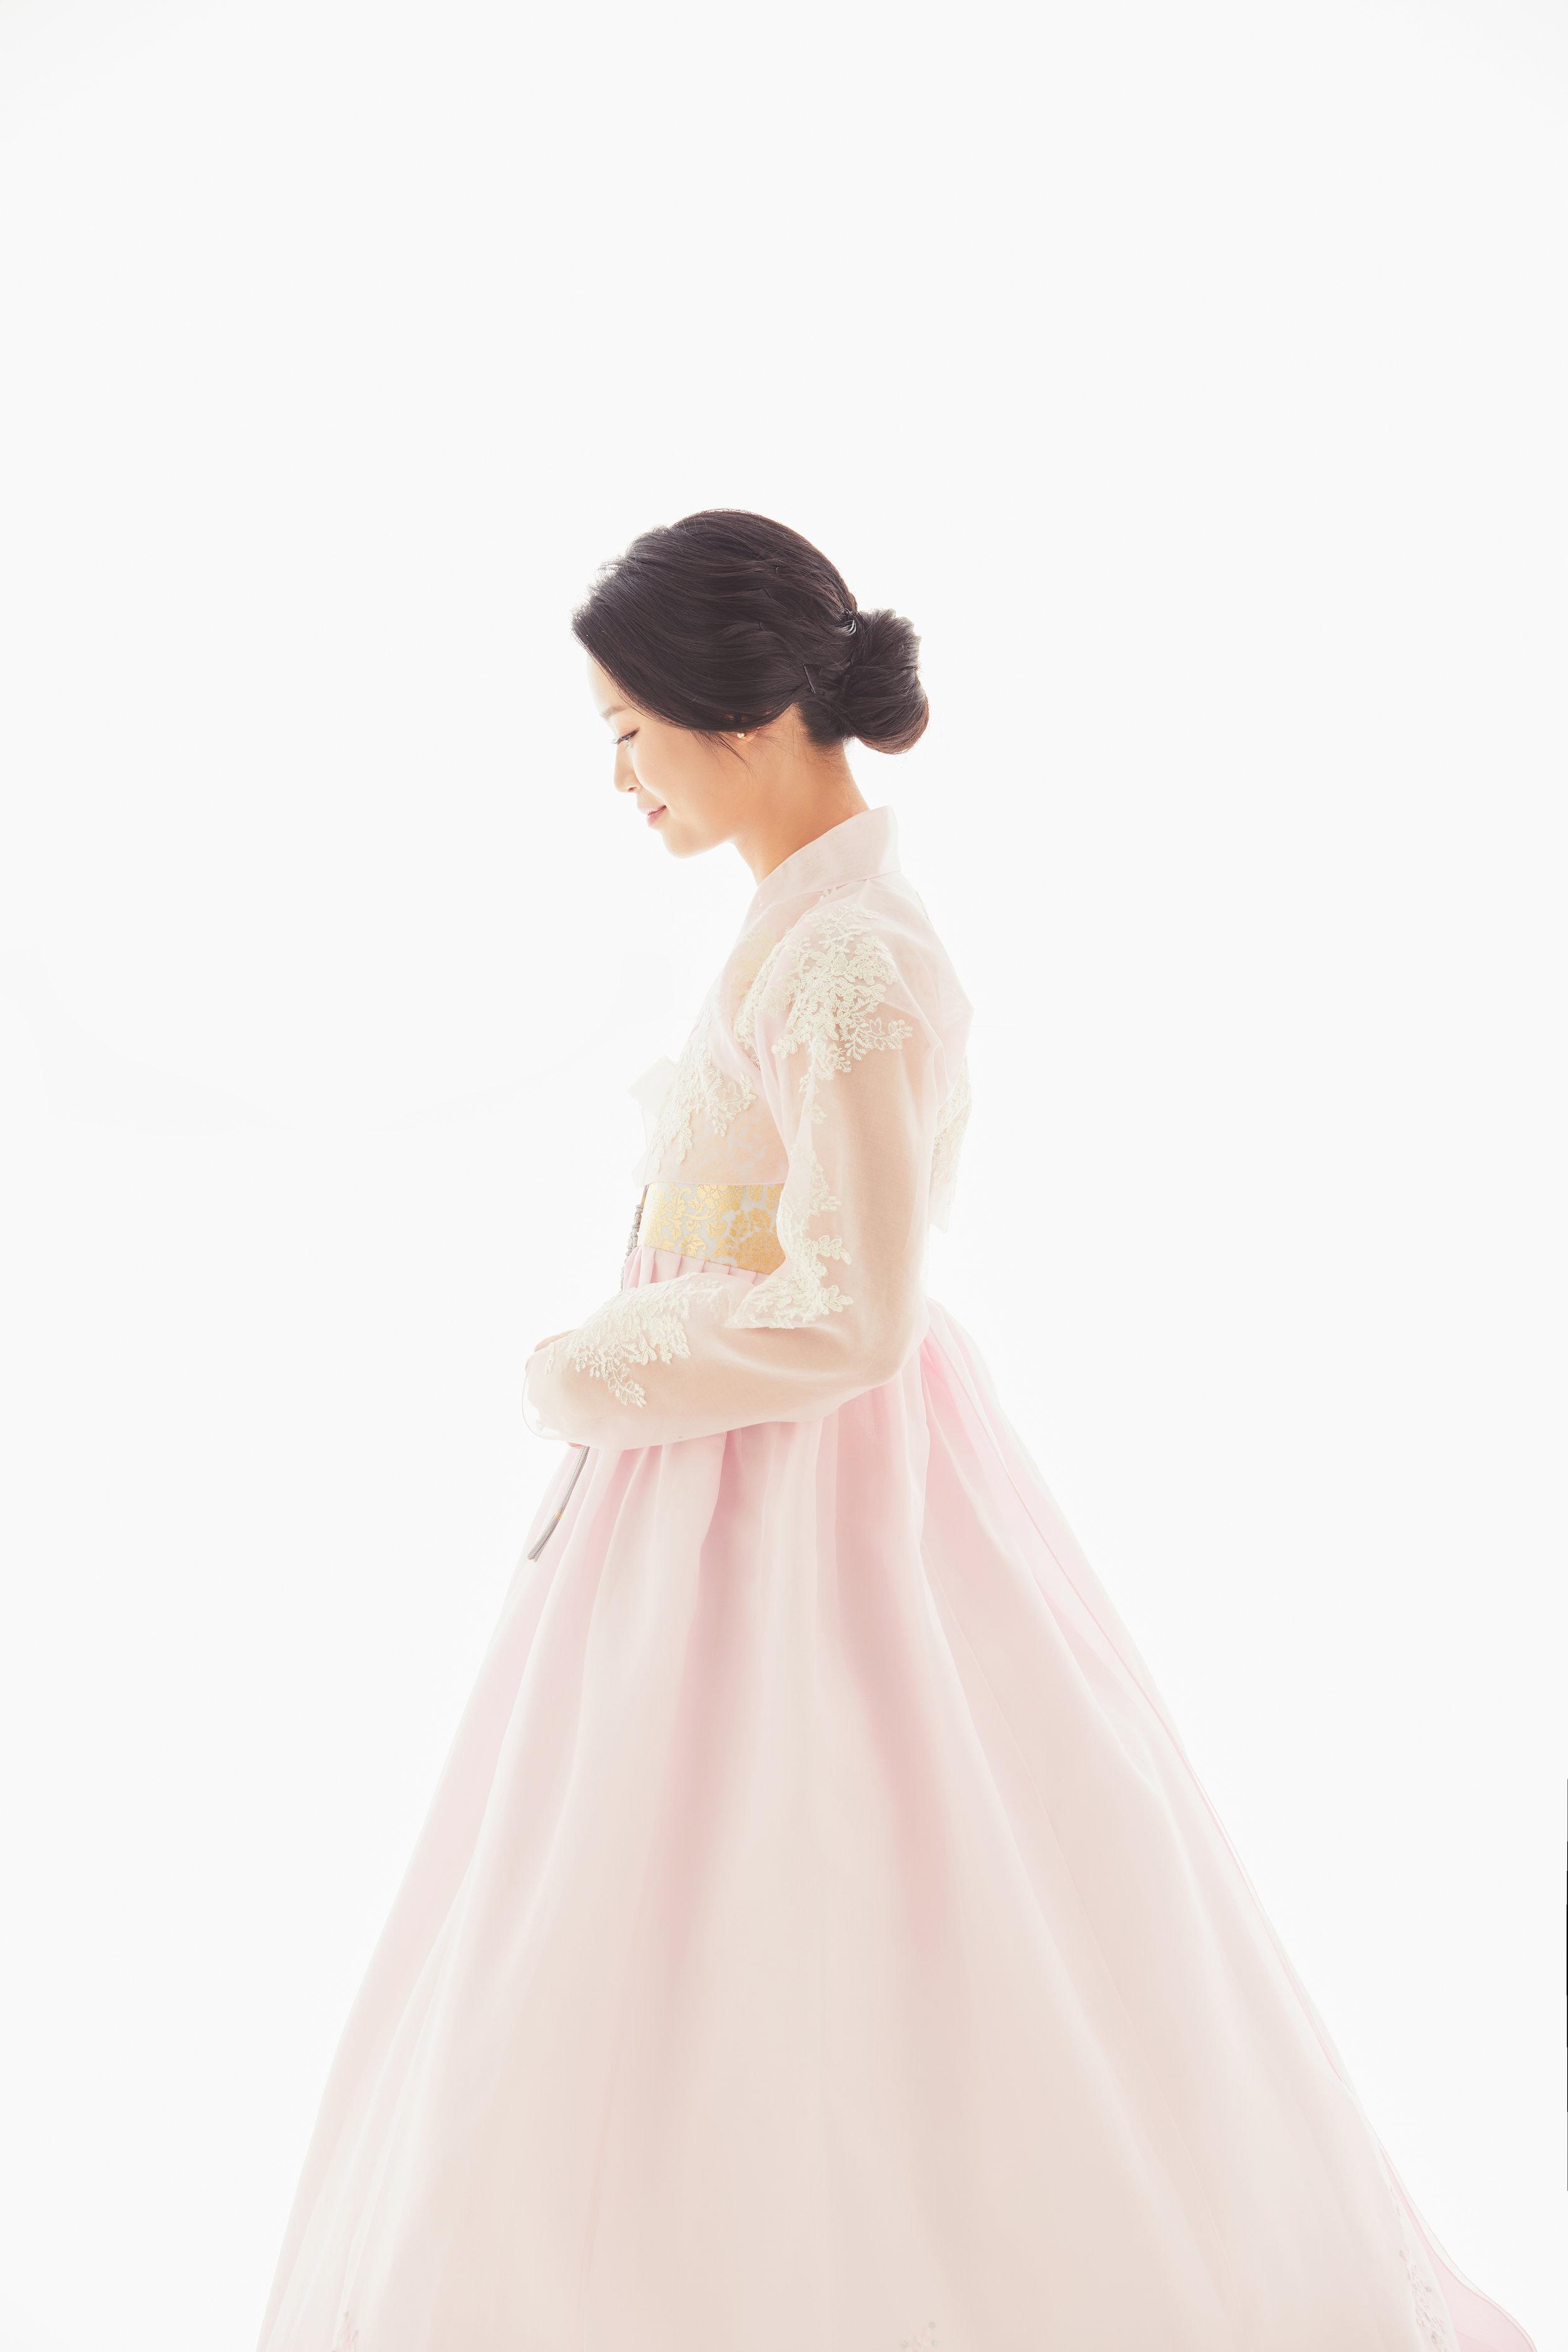 1122_wedding_Irene_0549.jpg